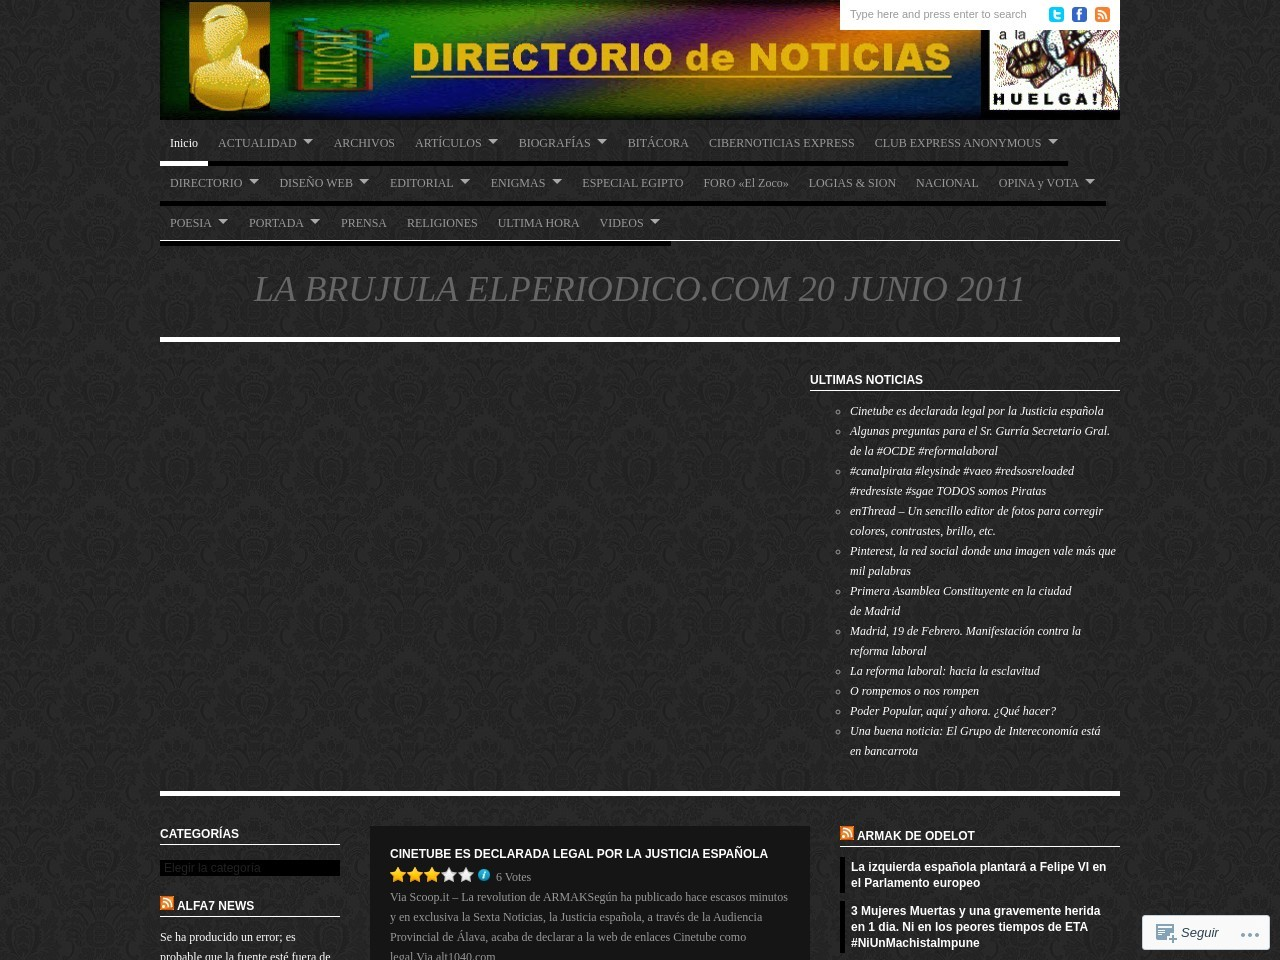 DIRECTORIO de NOTICIAS